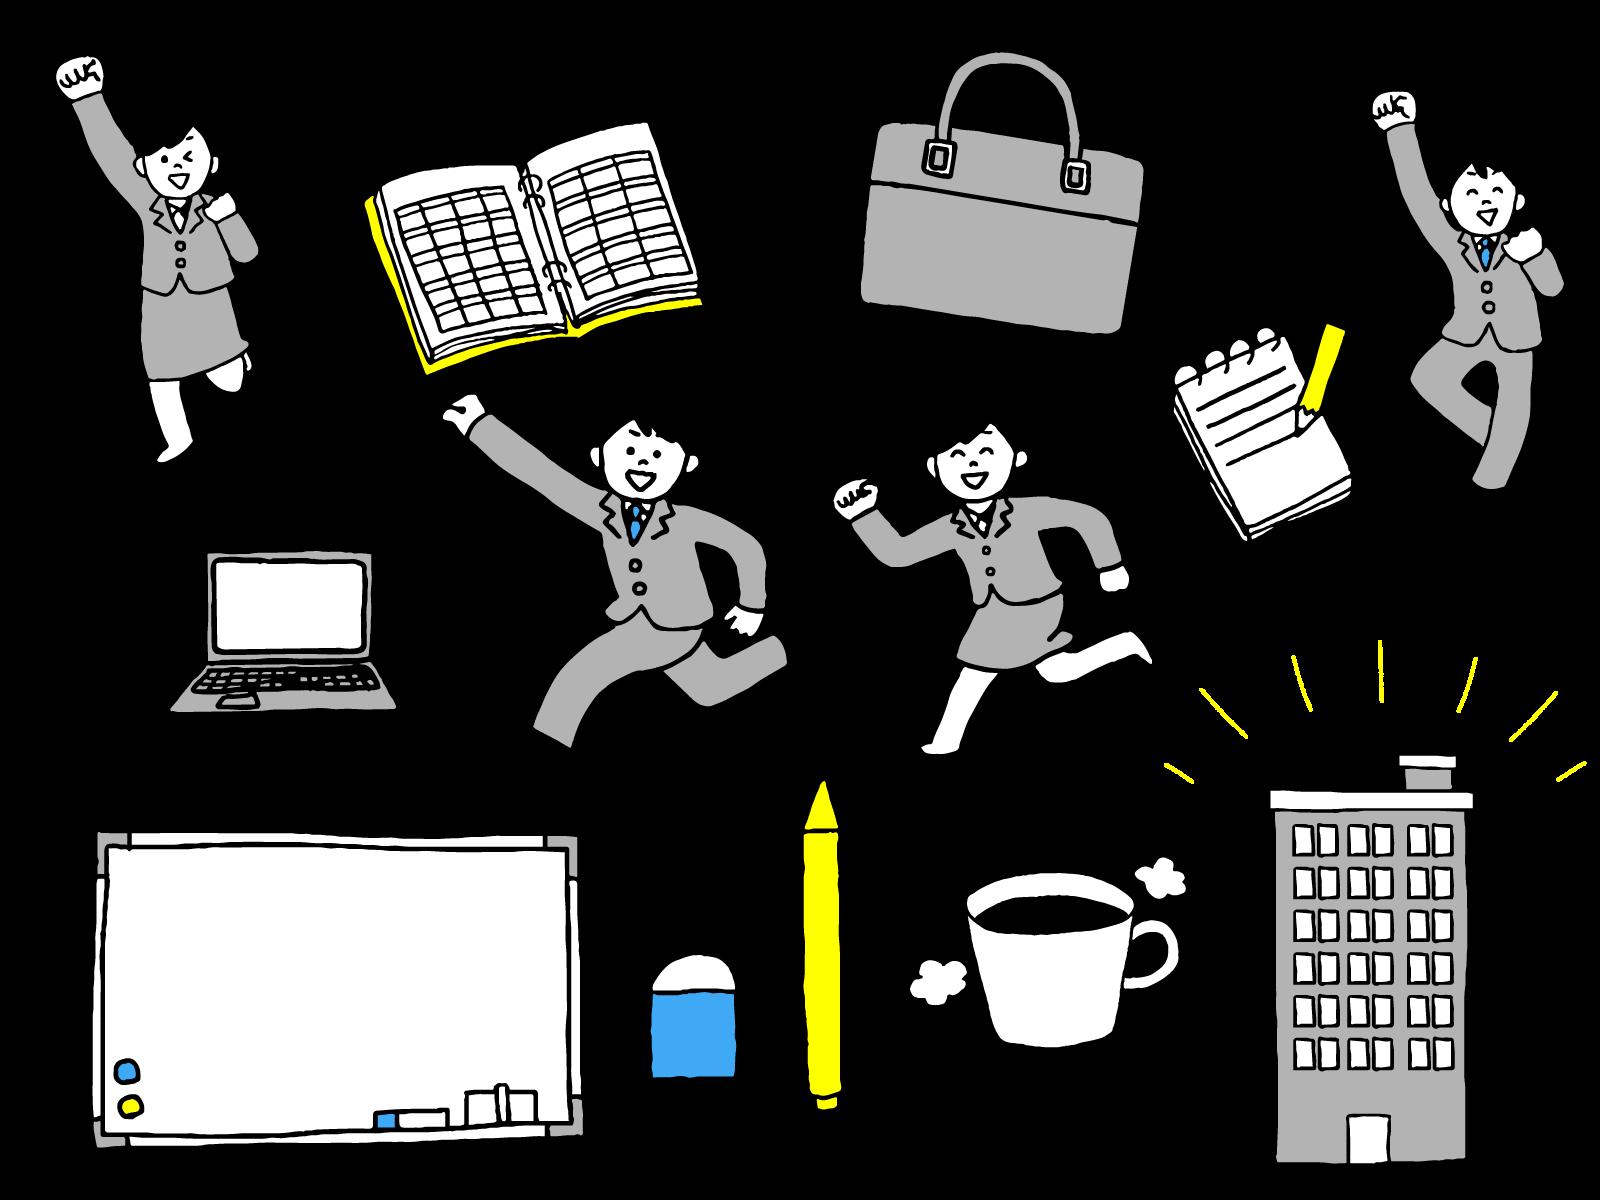 Work happily